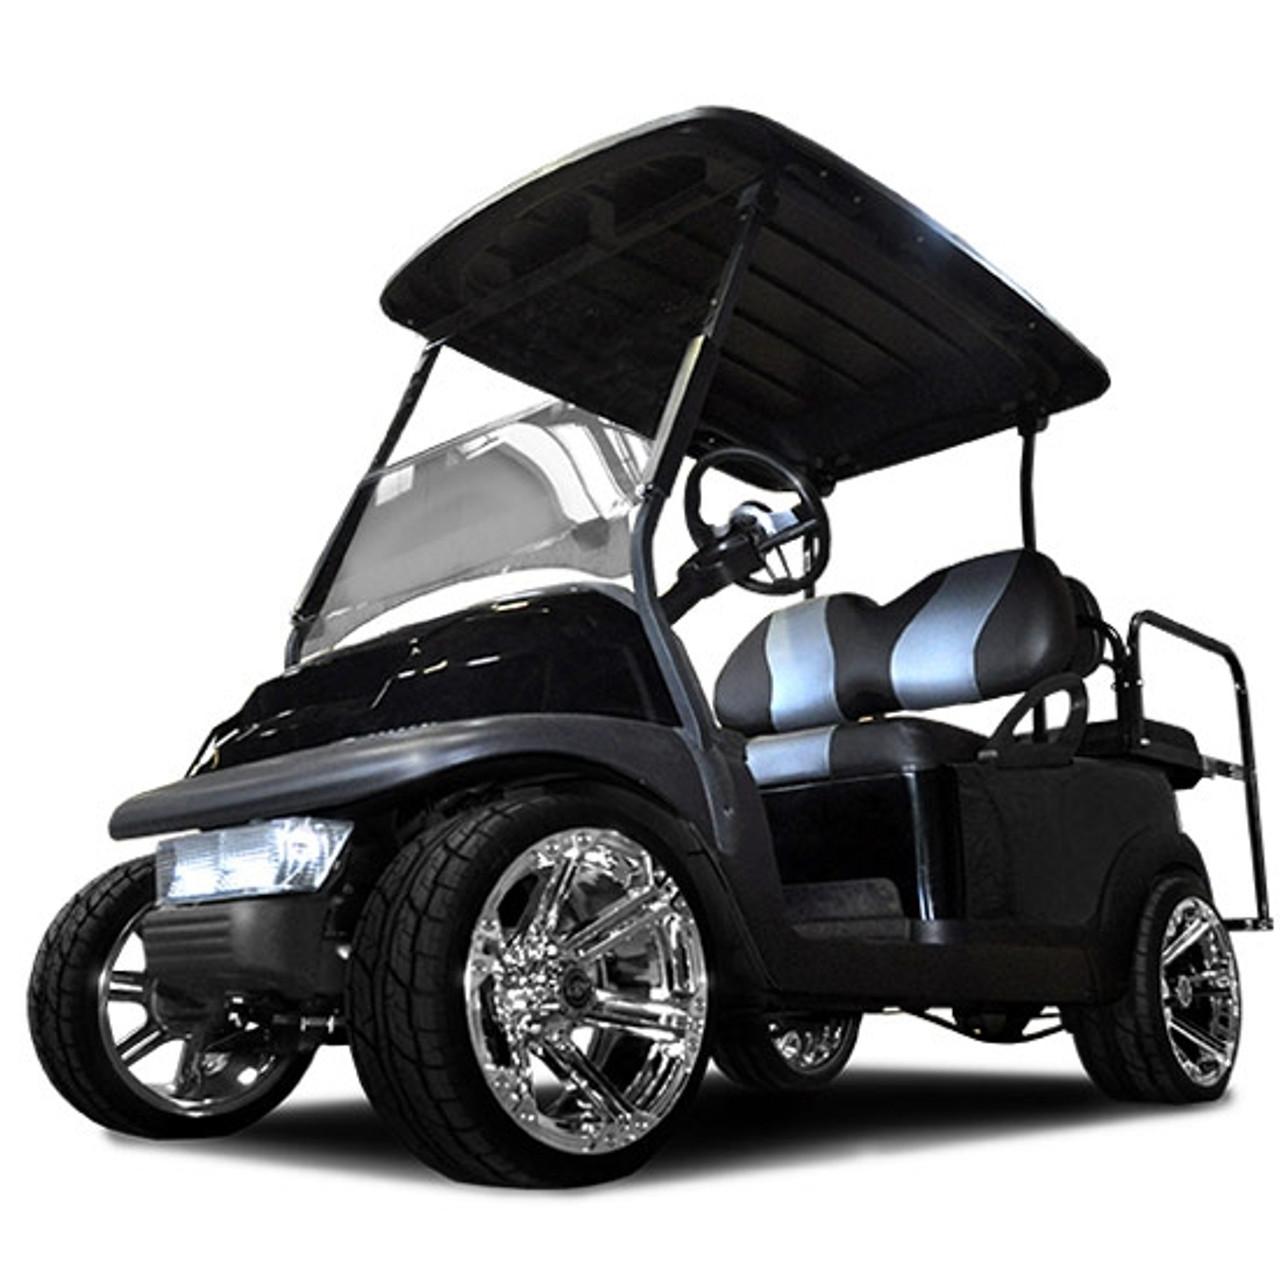 Clubcarreardifferentialdiagram Club Car Golf Cart Rear Axle